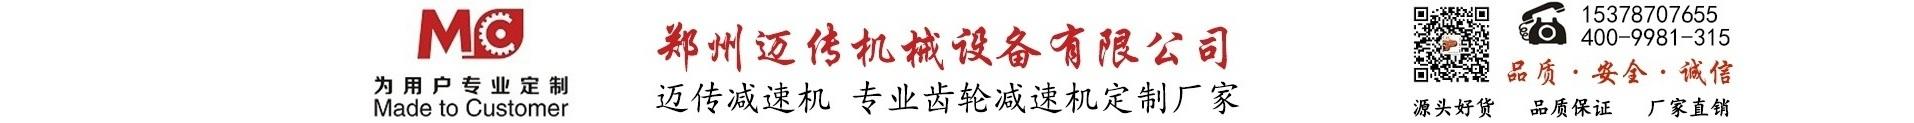 鄭州邁傳機械設備有限公司